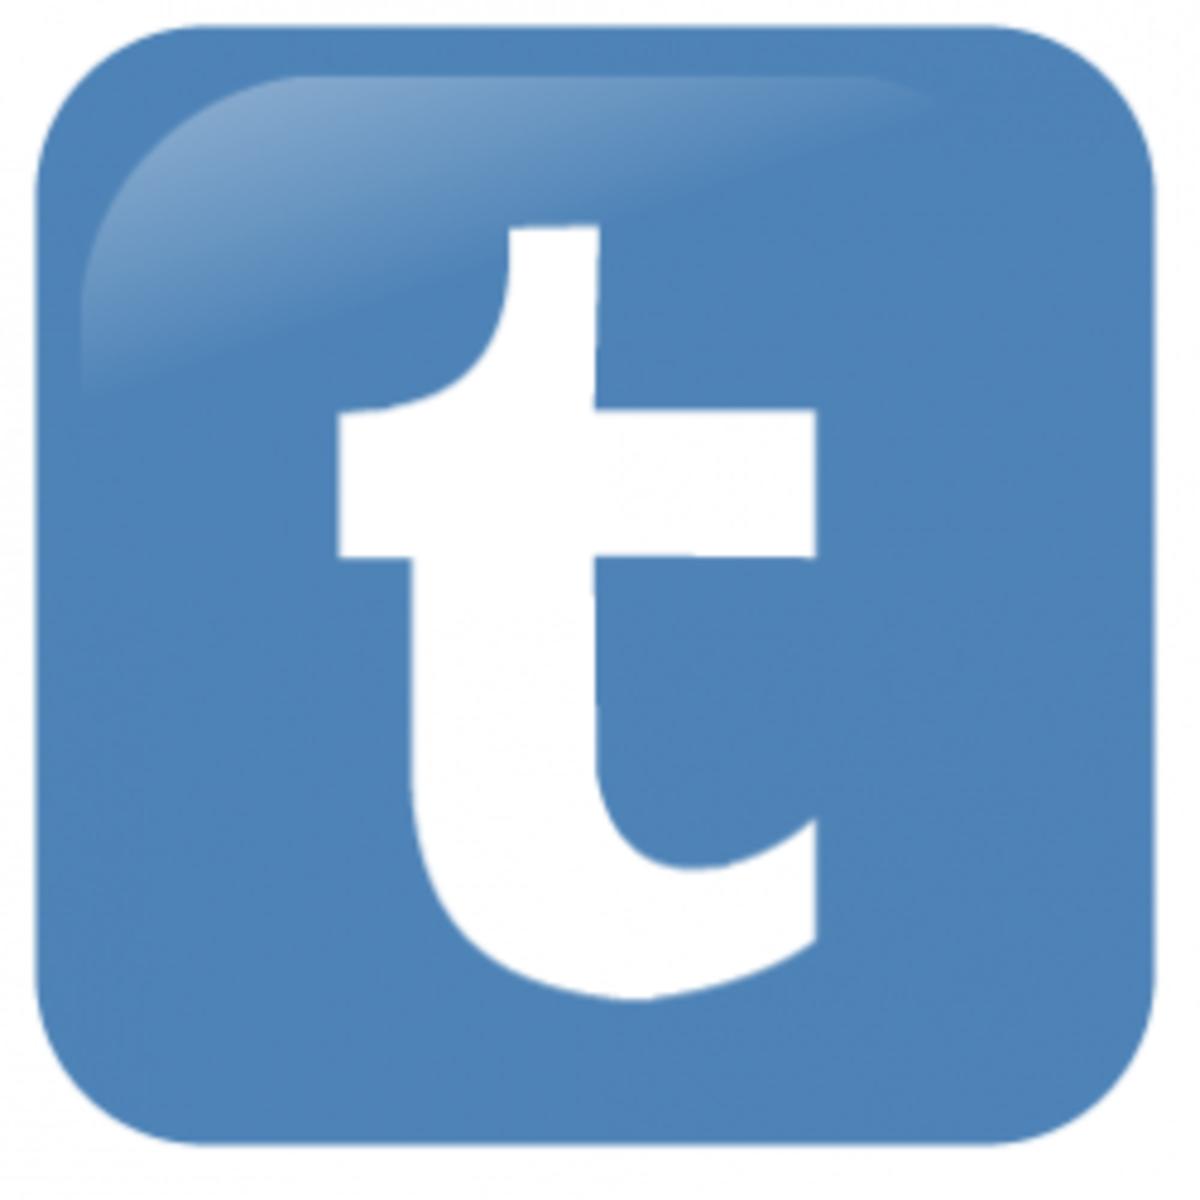 sites-like-tumblr